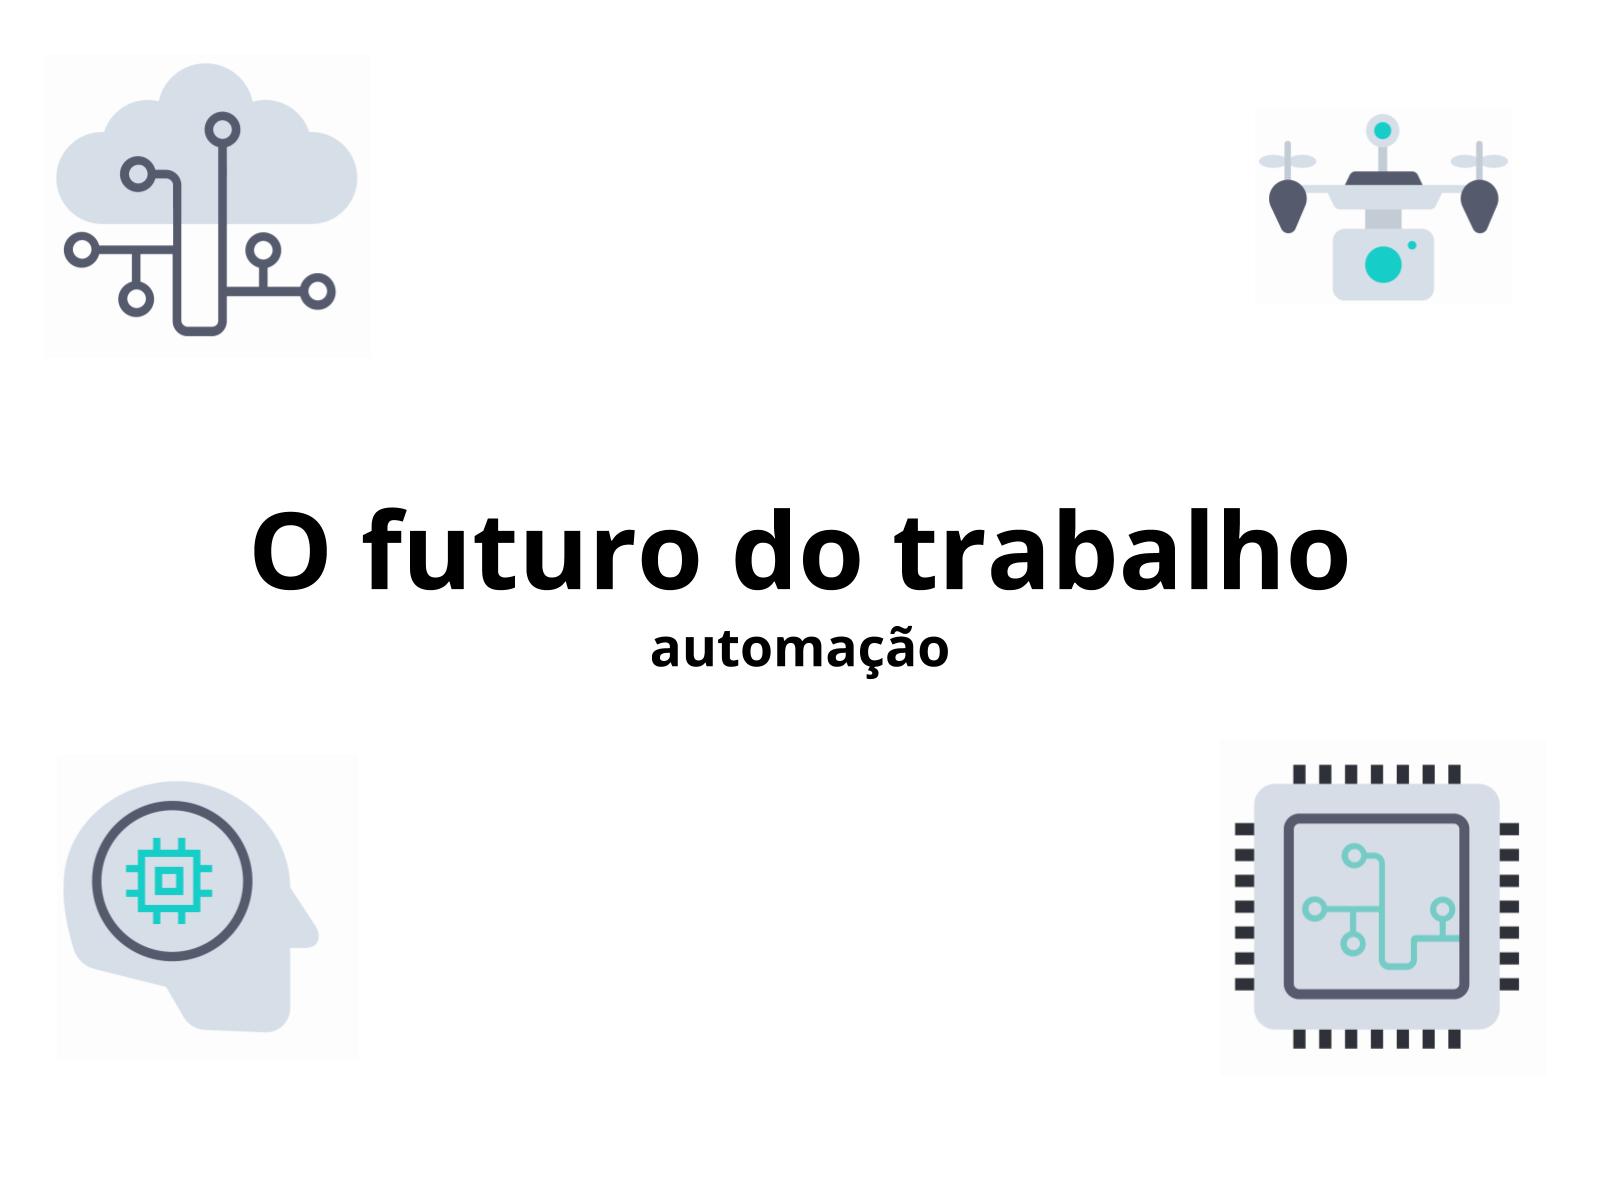 O futuro do trabalho: automação